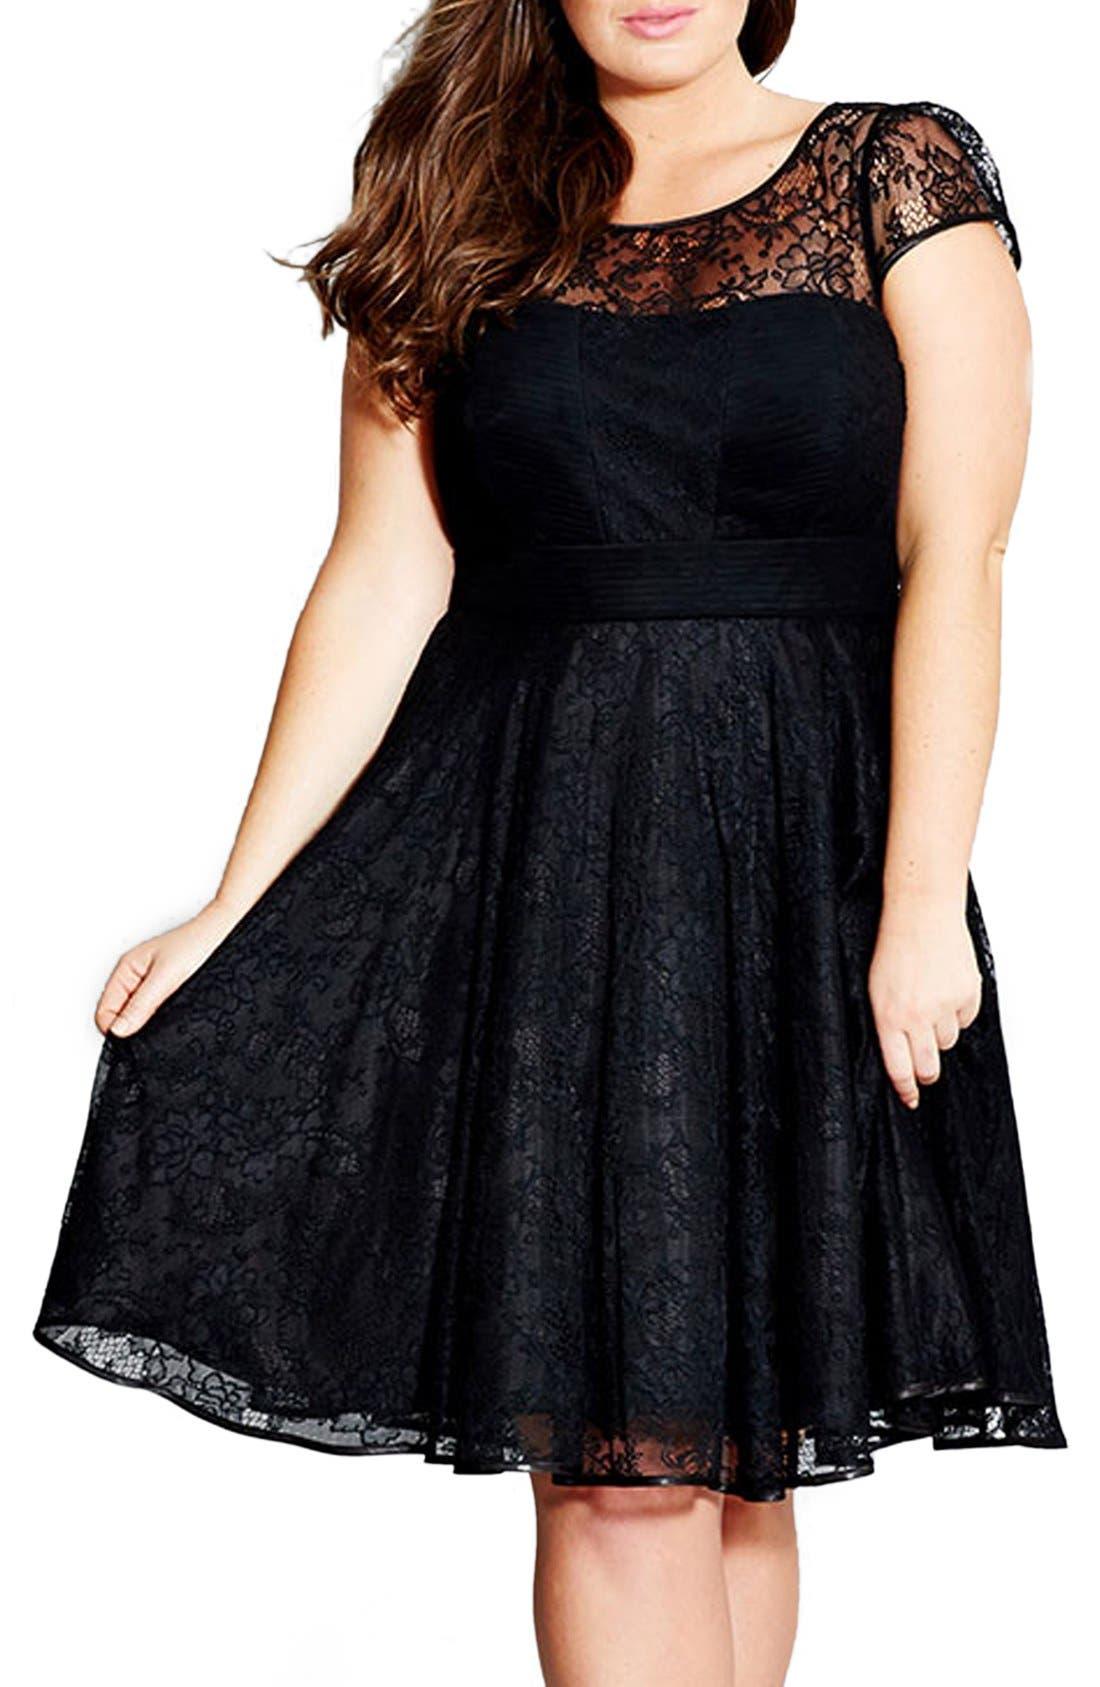 Main Image - City Chic 'Audrey' Lace Fit & Flare Dress (Plus Size)